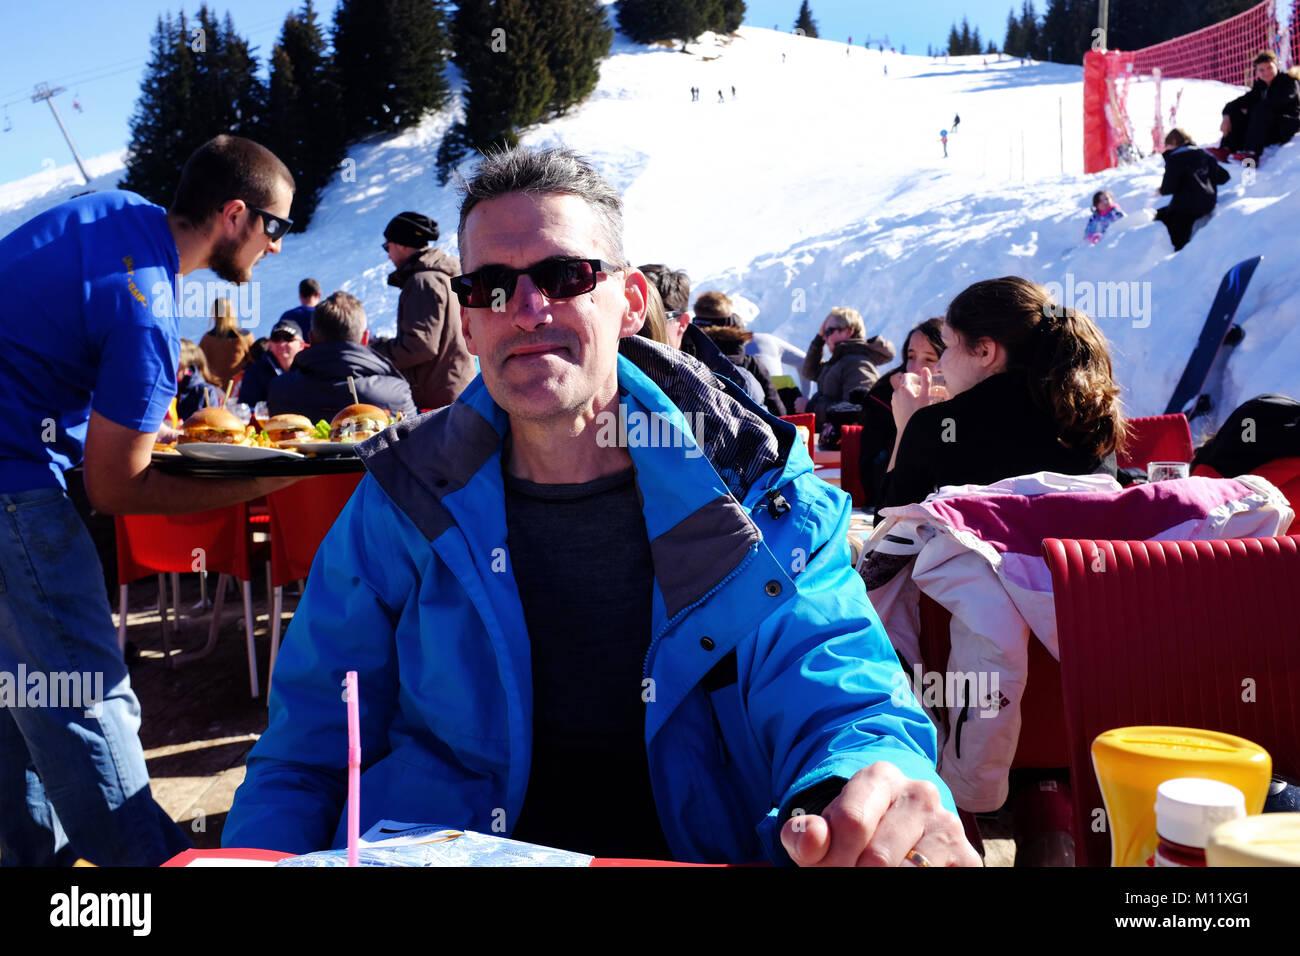 Essen Sie in einer außen Ski Resort Restaurant an einem sonnigen Tag, Samoëns Frankreich Stockbild